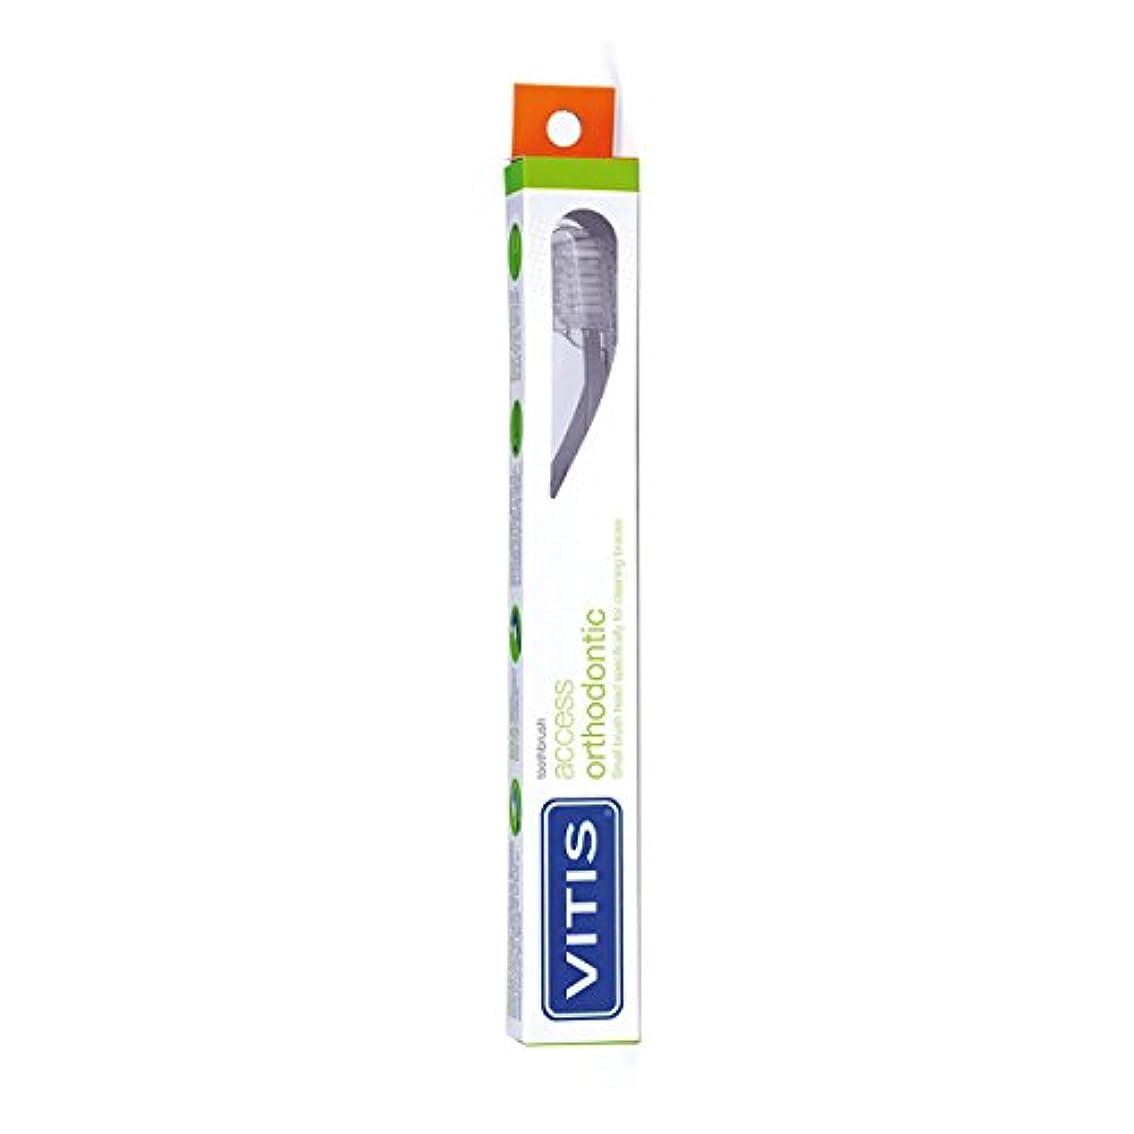 真似るばかげている午後Vitis Orthodontic Access Toothbrush [並行輸入品]